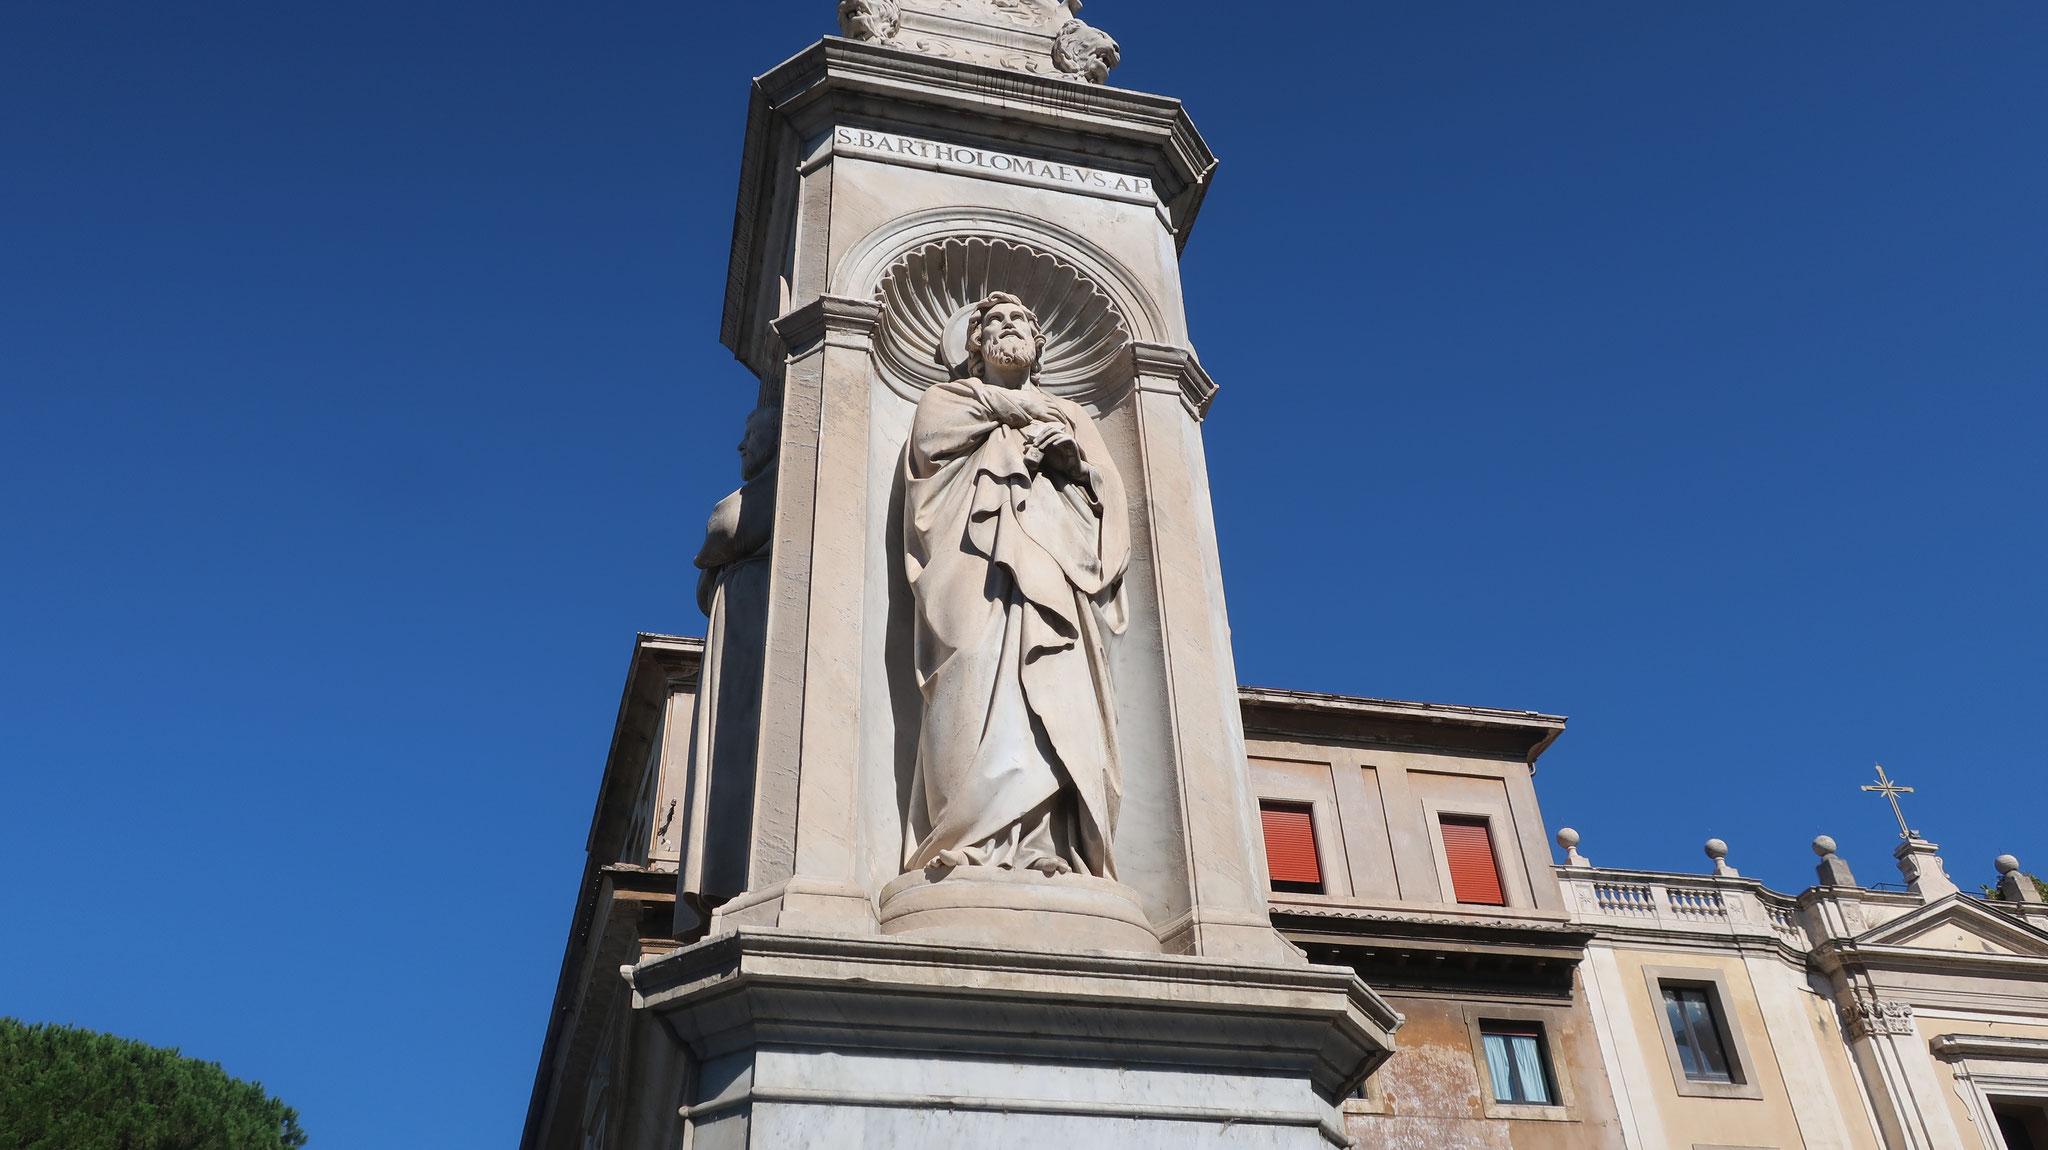 聖バルトロメオ。キリストの十二使徒の一人。身体の皮を剝がされてから首を落とされ殉教しました。